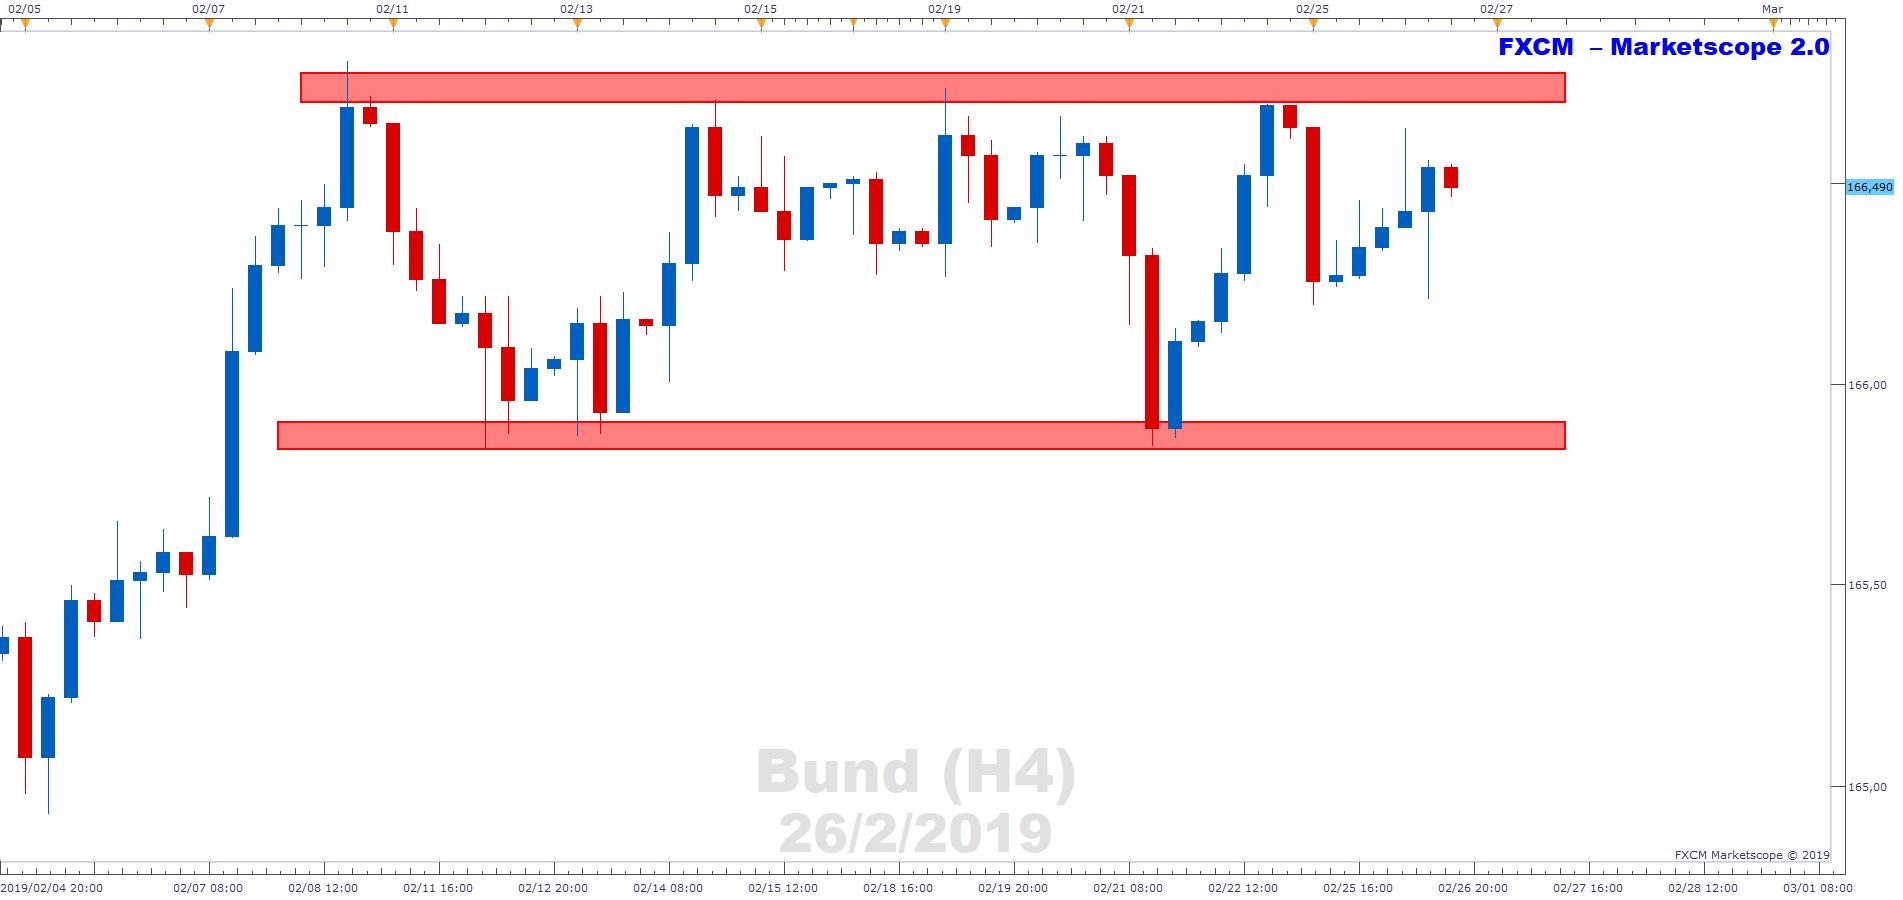 Bund's Price Consolidates Sideways